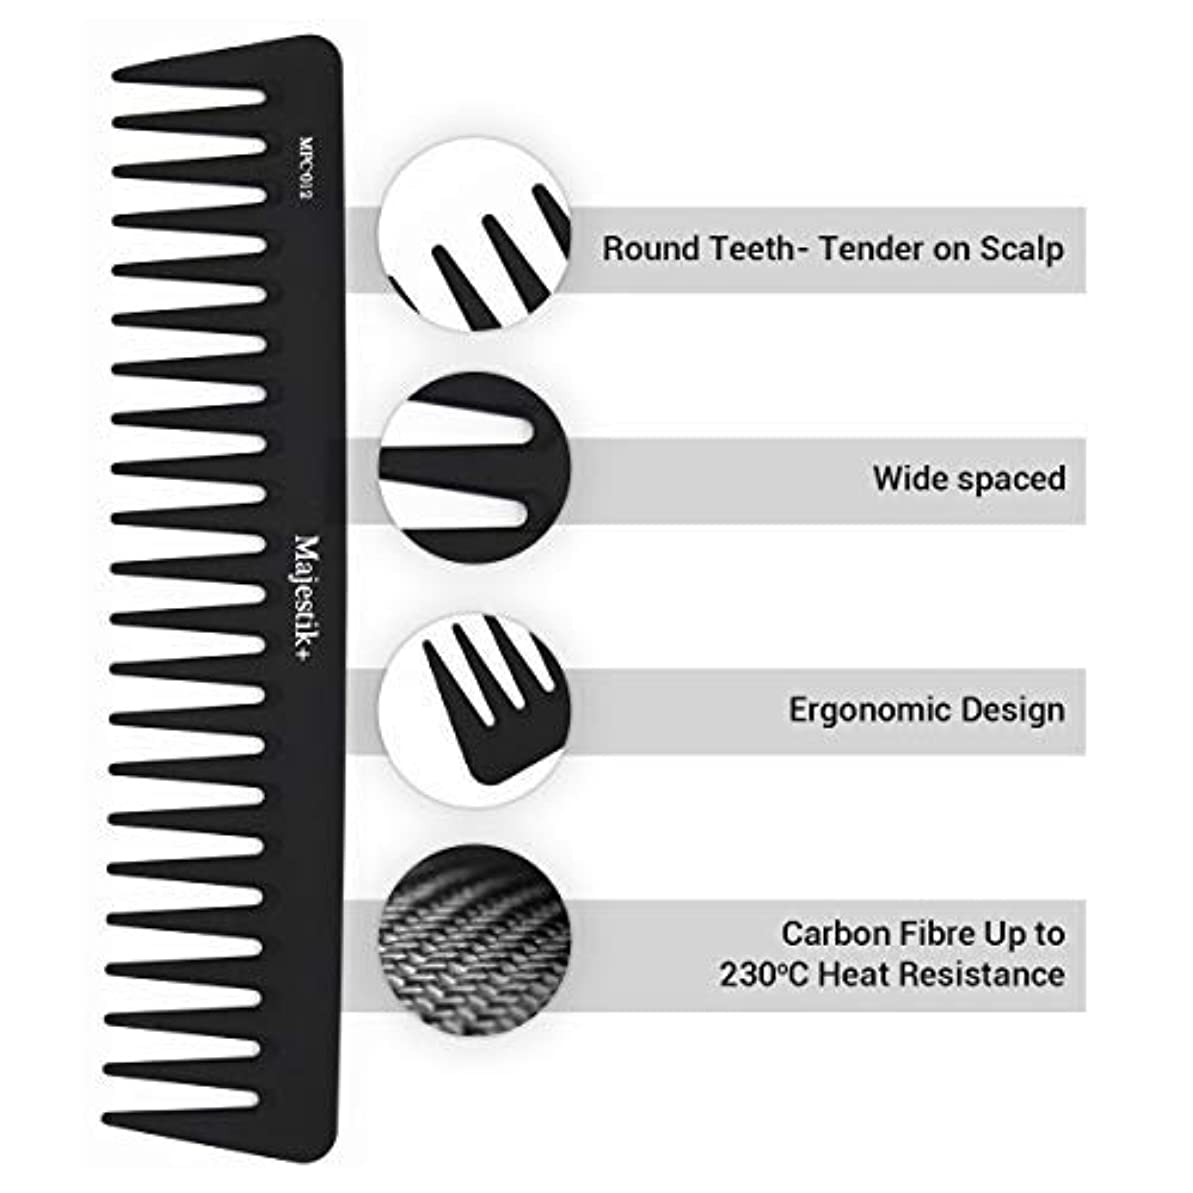 親指意見マニアックWide Tooth Comb- a Professional Carbon Fibre Hair Comb by Majestik+, Anti-Static, Strength & Durability, in Black...